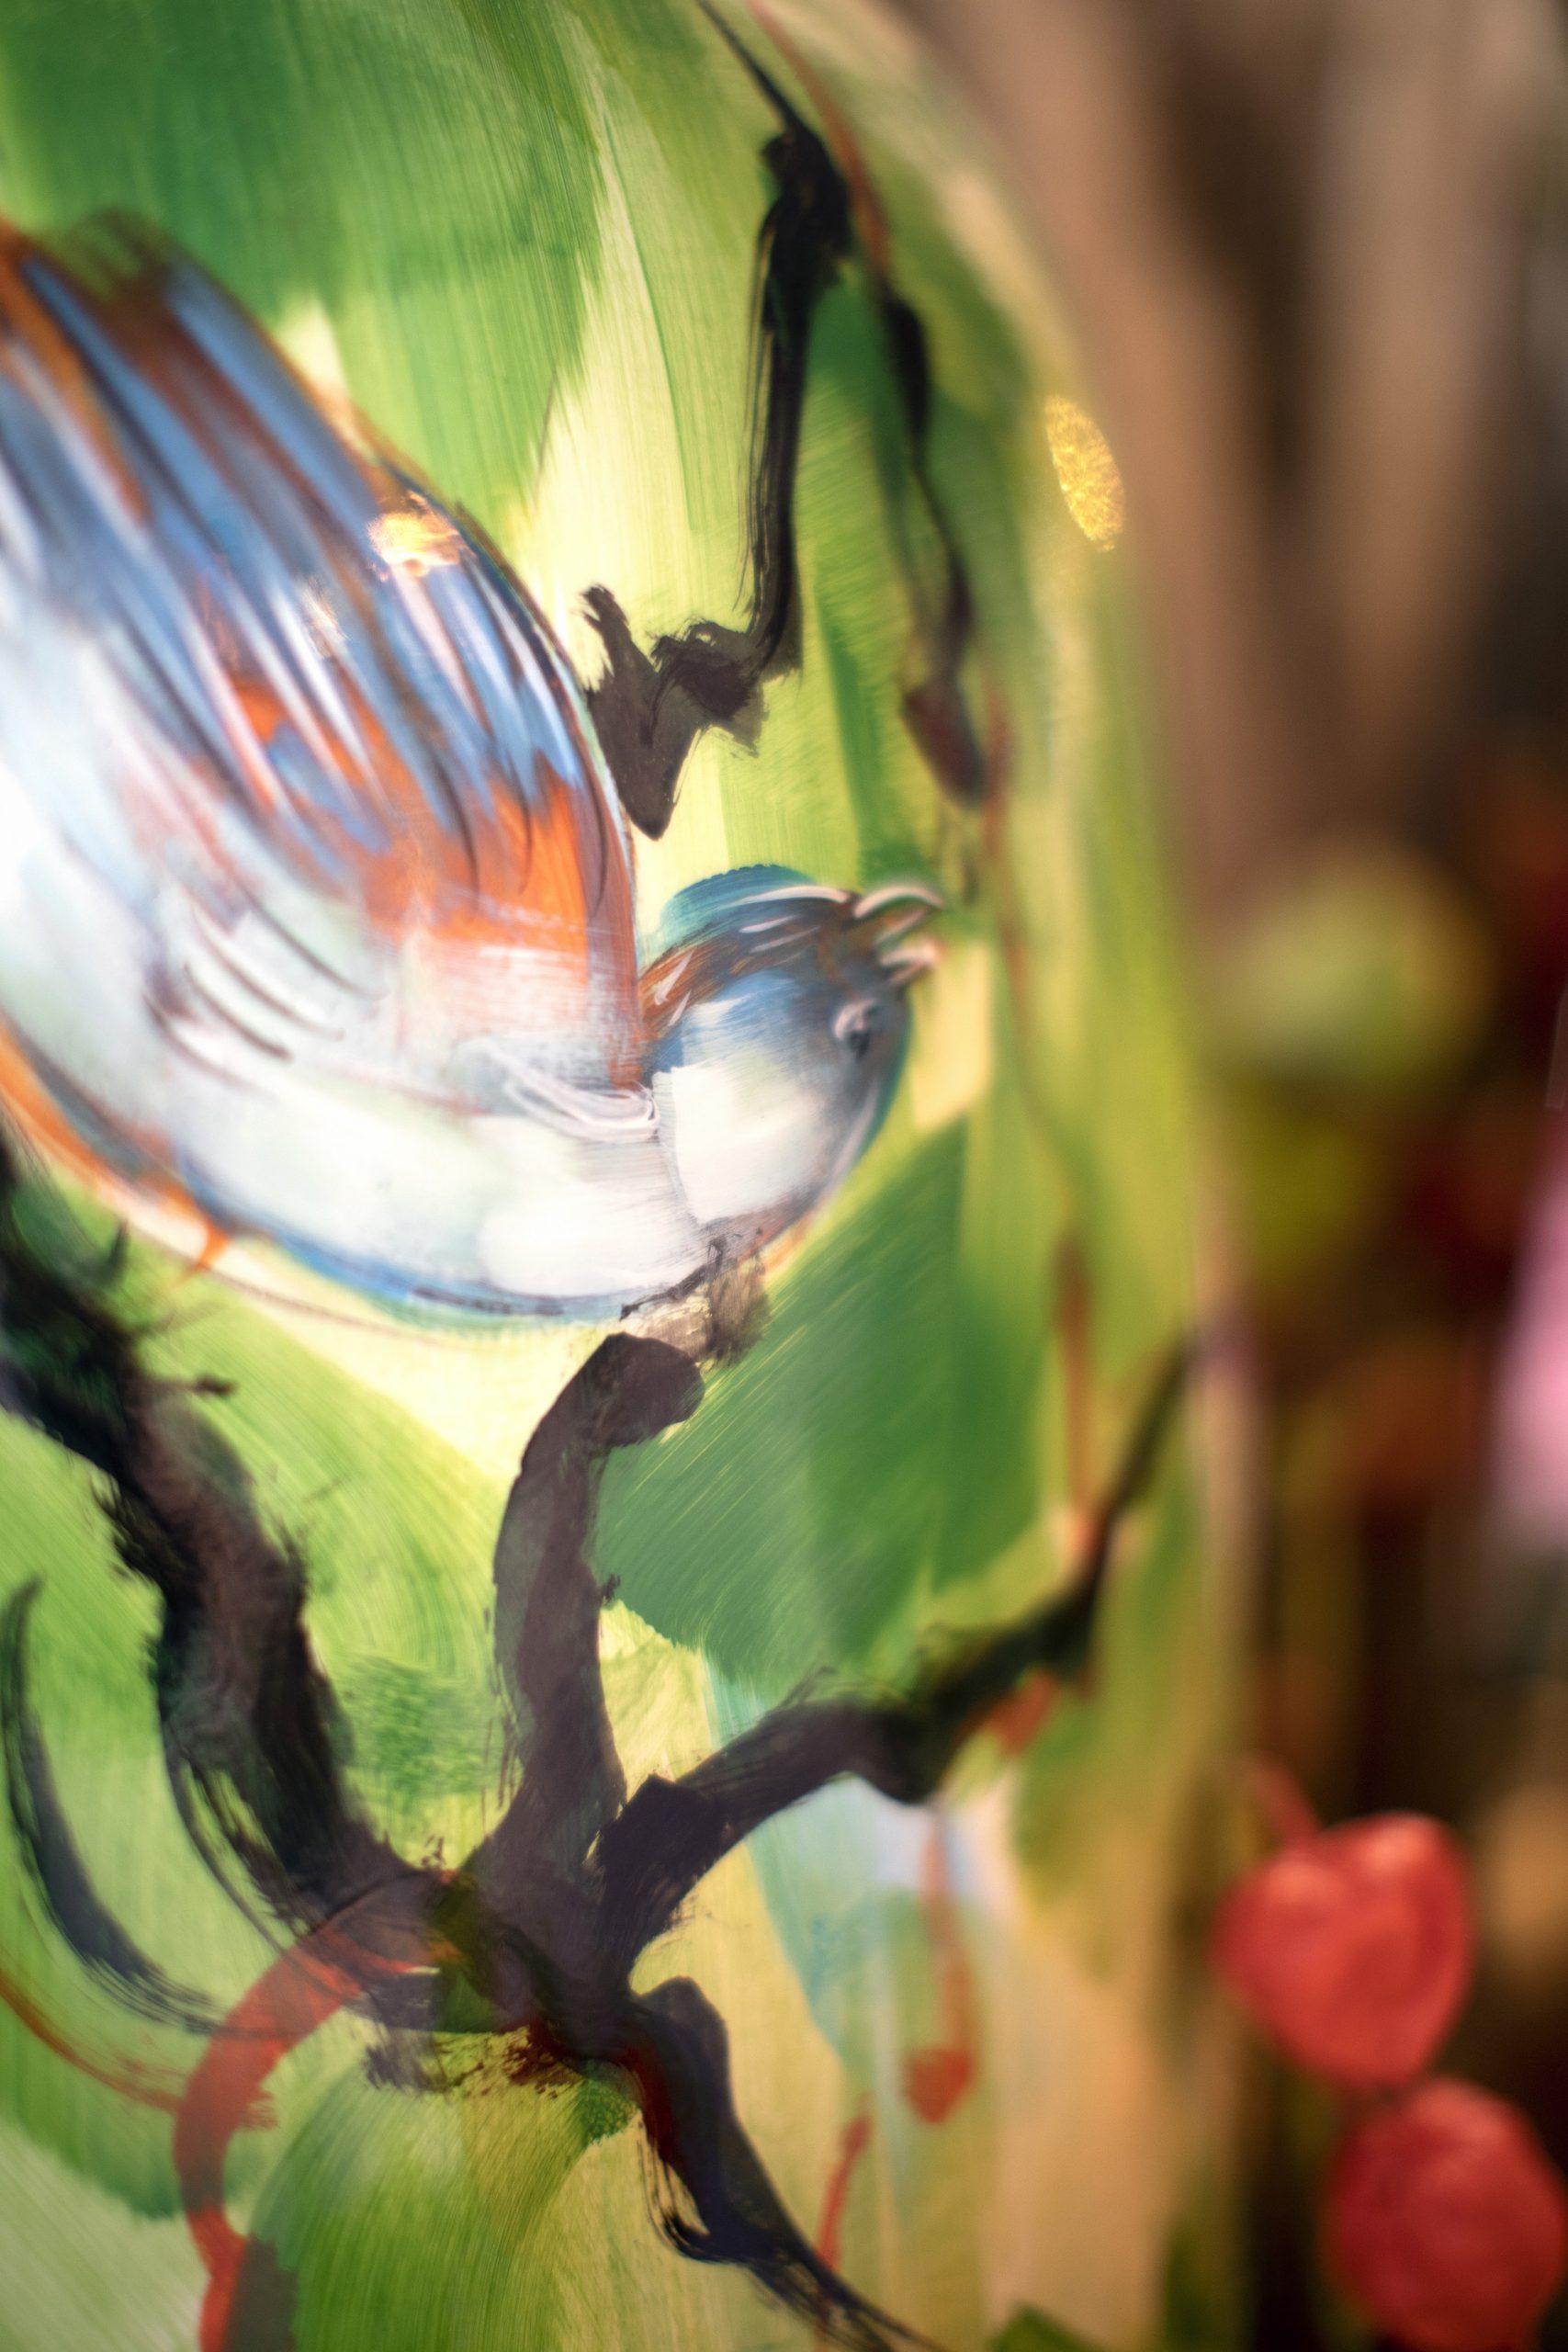 Een glas beschilderde vaas met een vogel als afbeelding